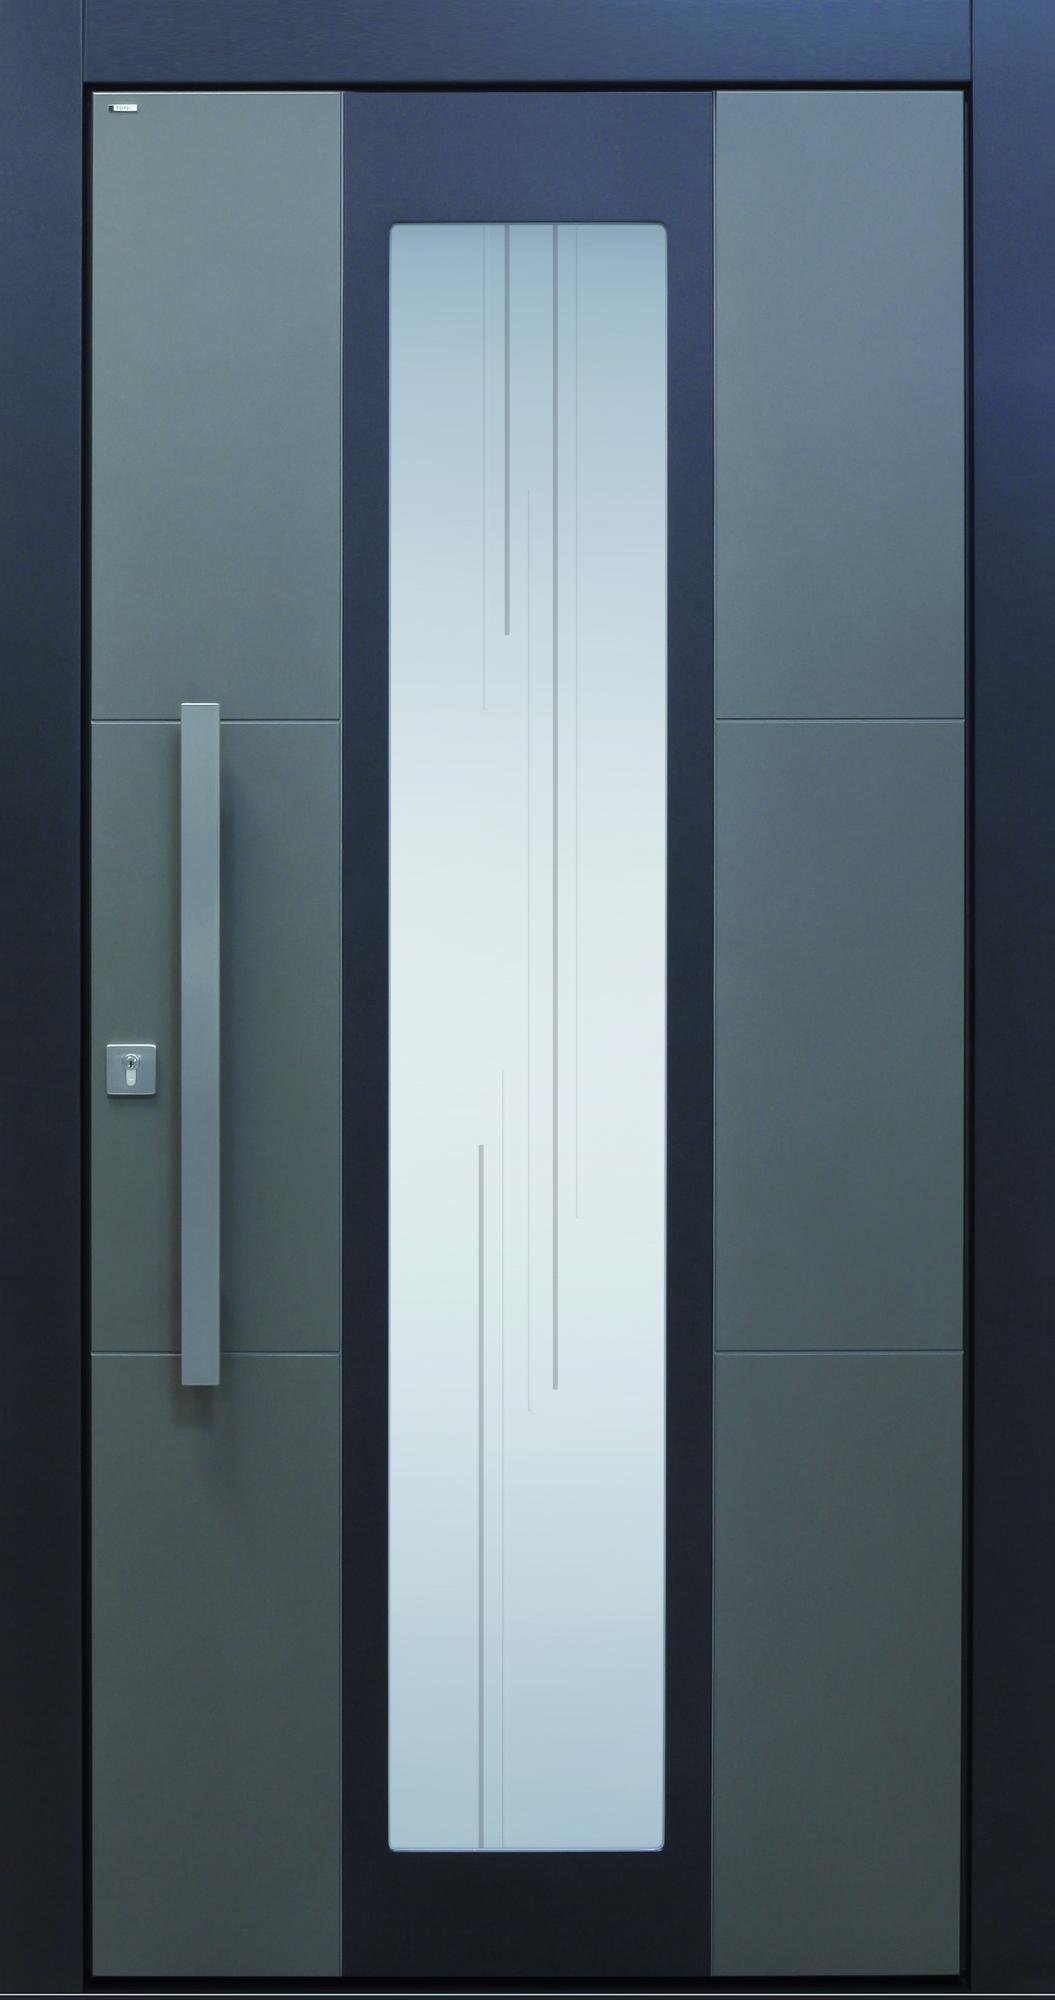 Haustüren anthrazit modern  TOPIC - Haustüren von Meisterhand TOPIC - die Türenmanufaktur